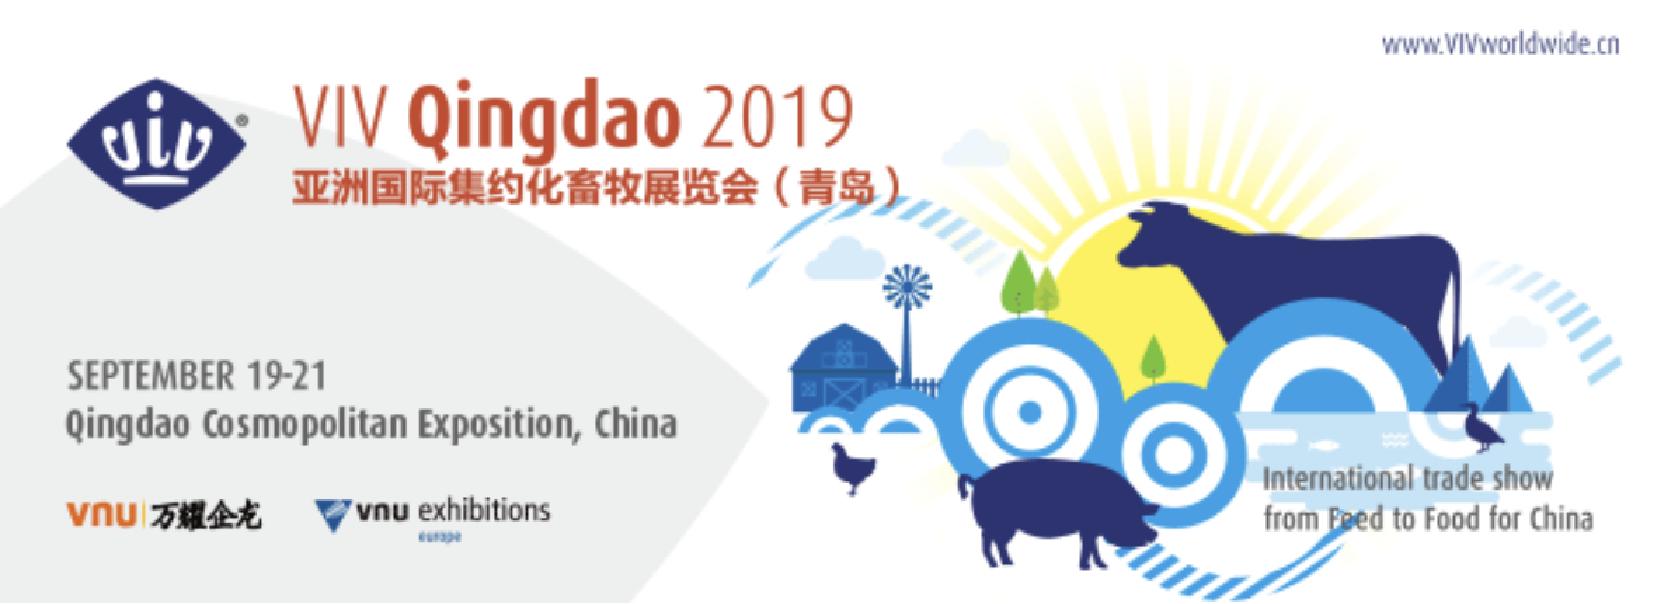 ILDEX Vietnam 2020 | 18-20 March 2020 at Hall A1-A2, SECC, HCM, Vietnam